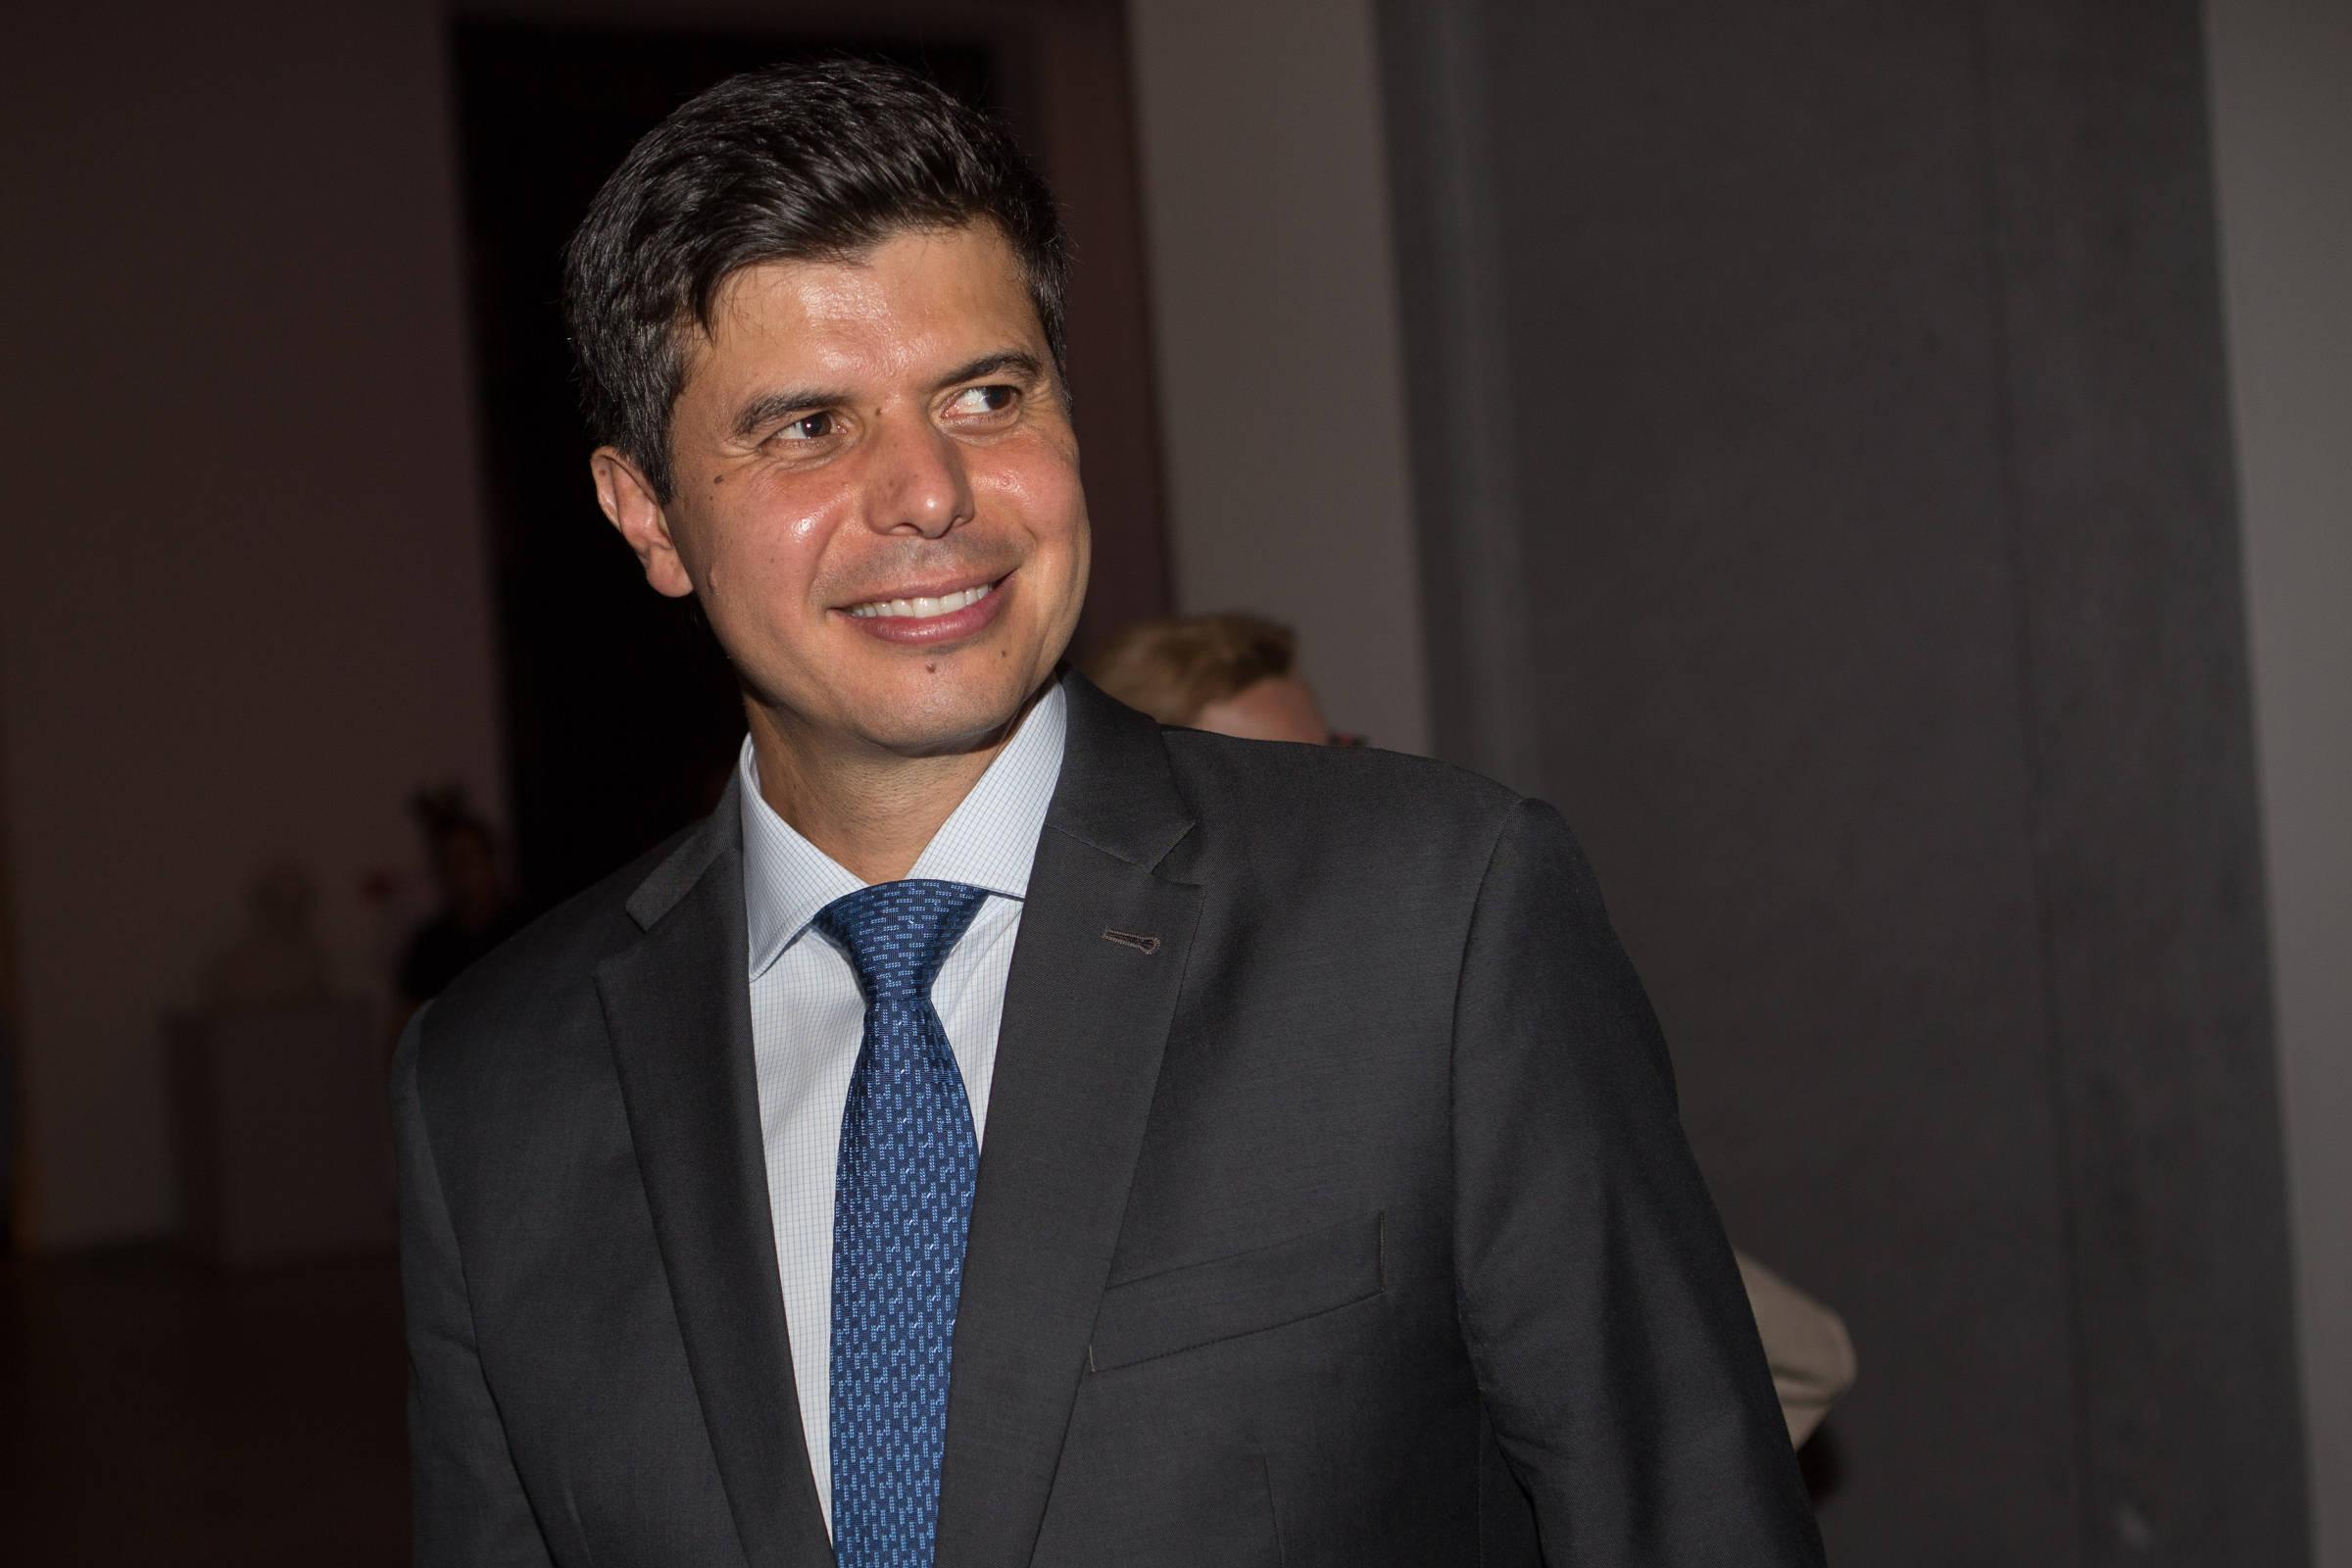 O presidente do Magalu, Frederico Trajano - Mastrangelo Reino - 11.dez.2017/Folhapress